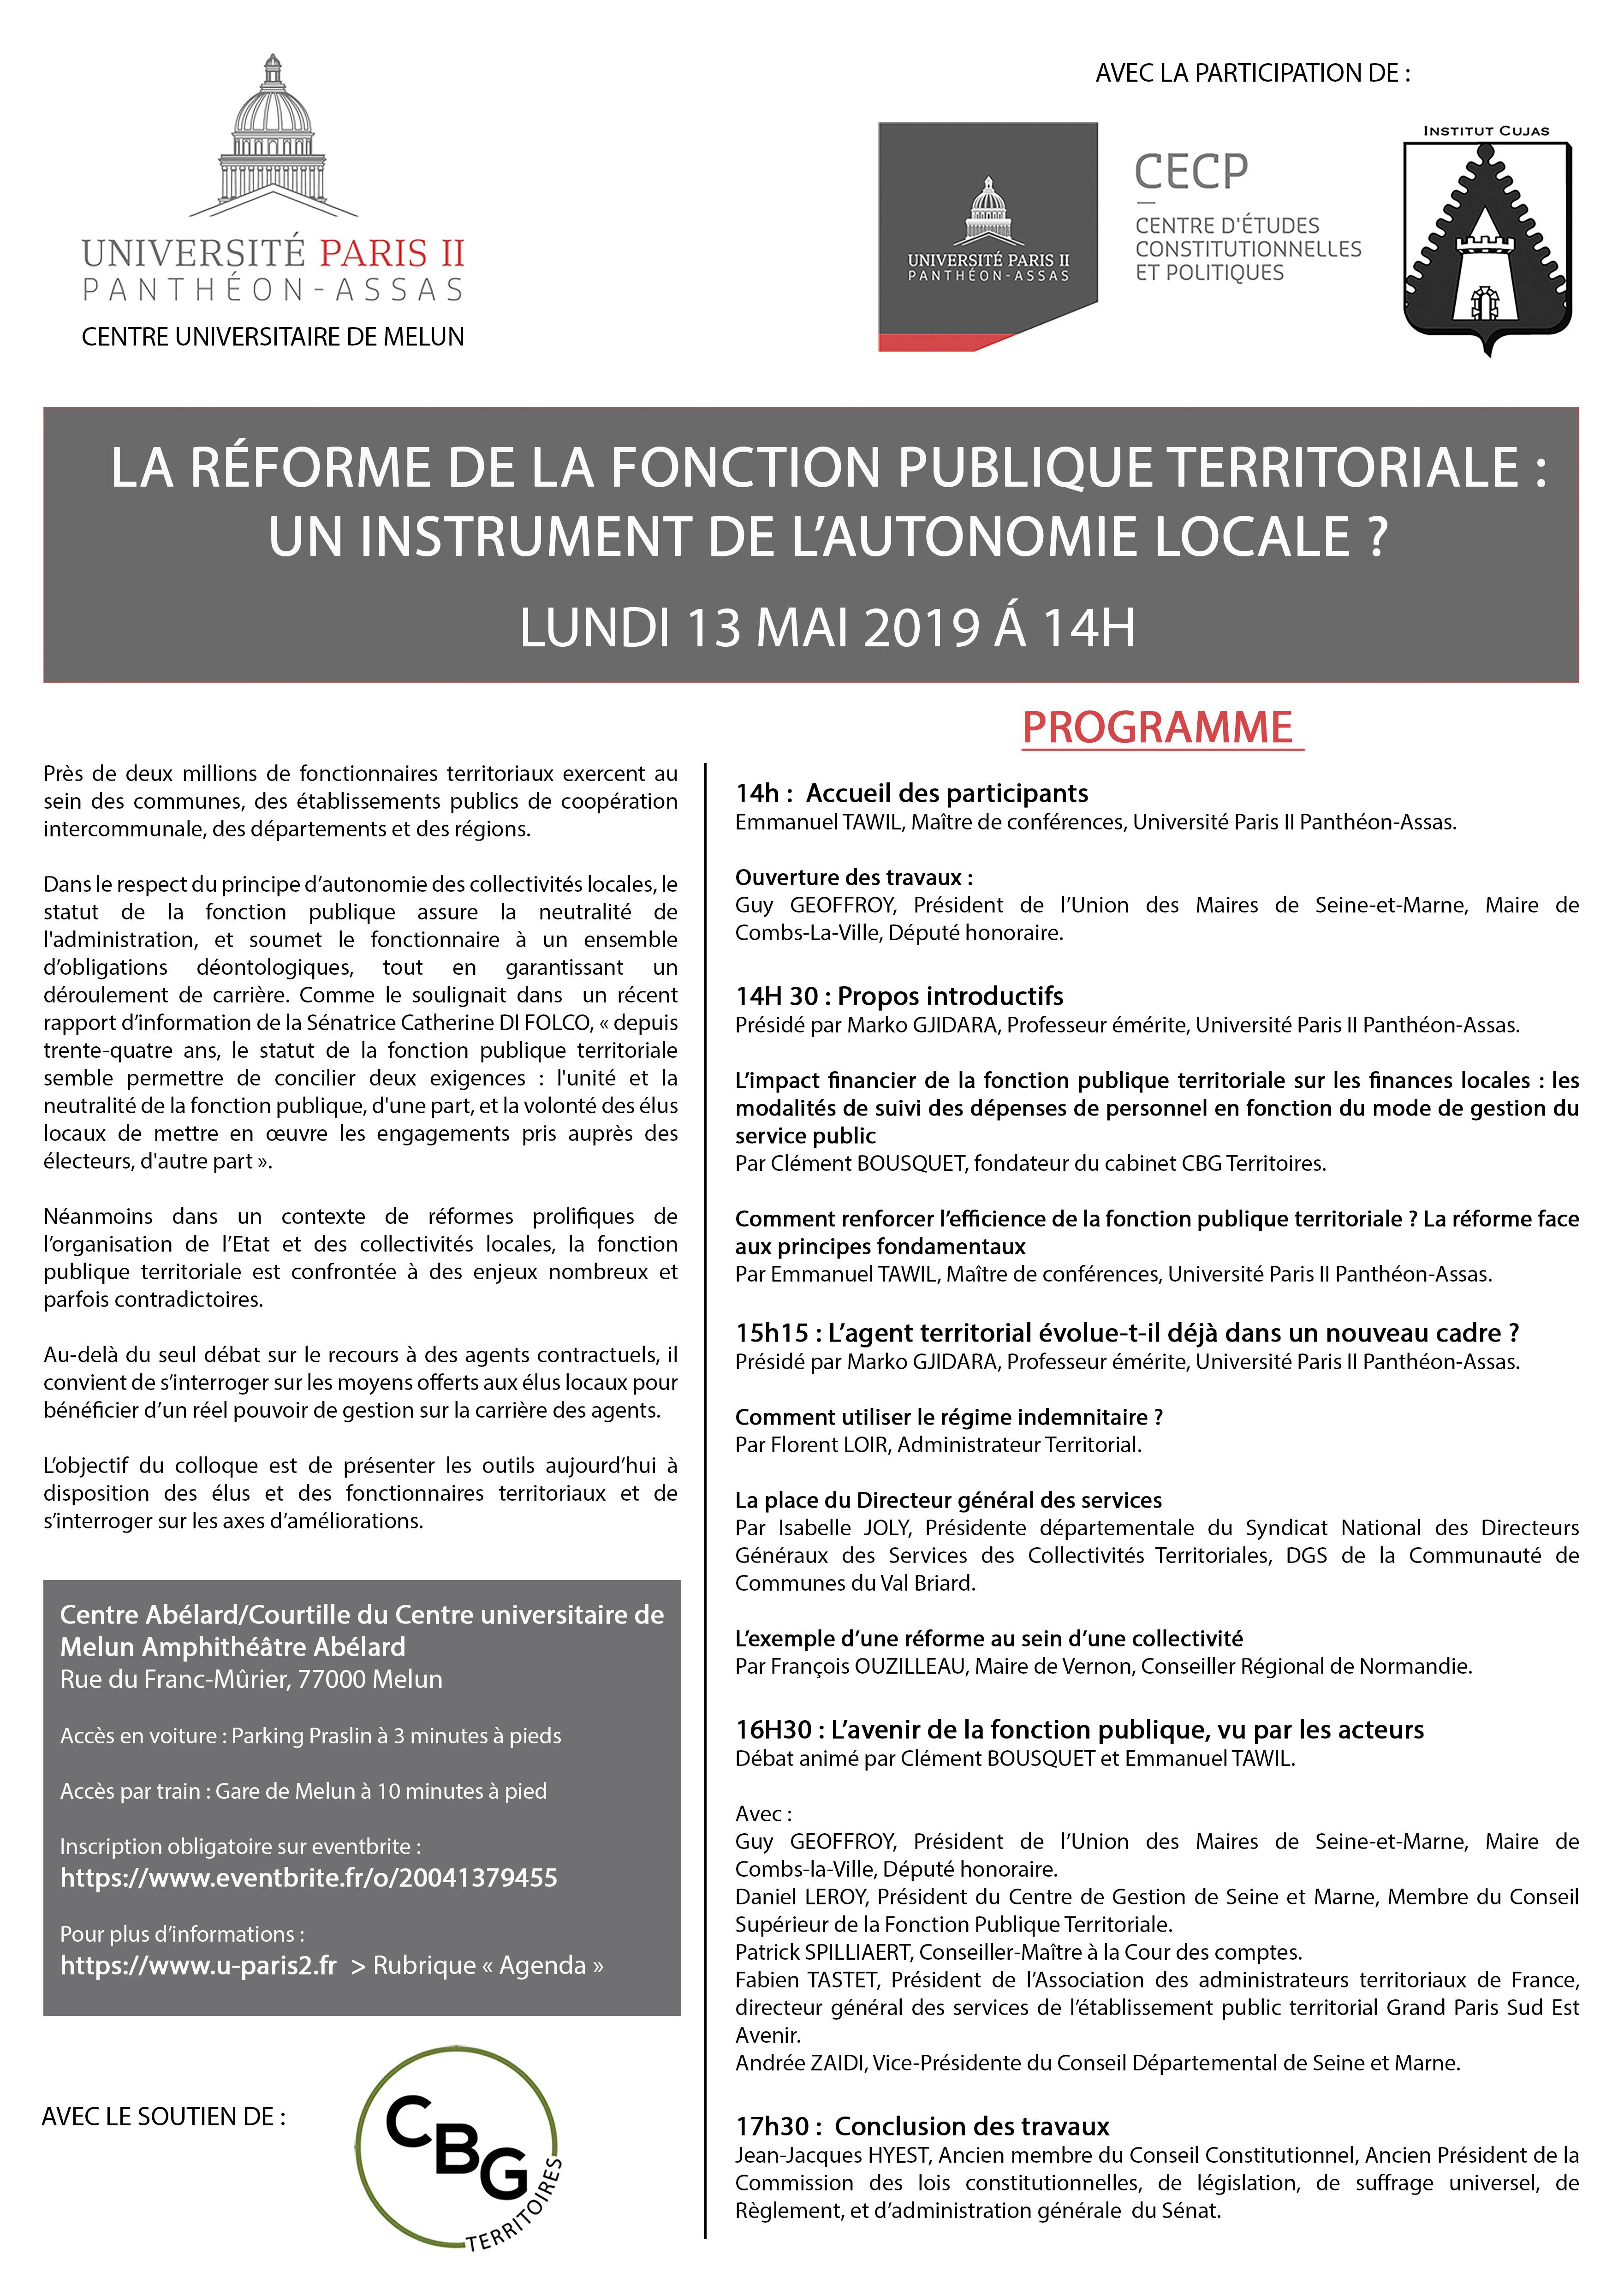 Affiche colloque fonction publique territoriale - CECP